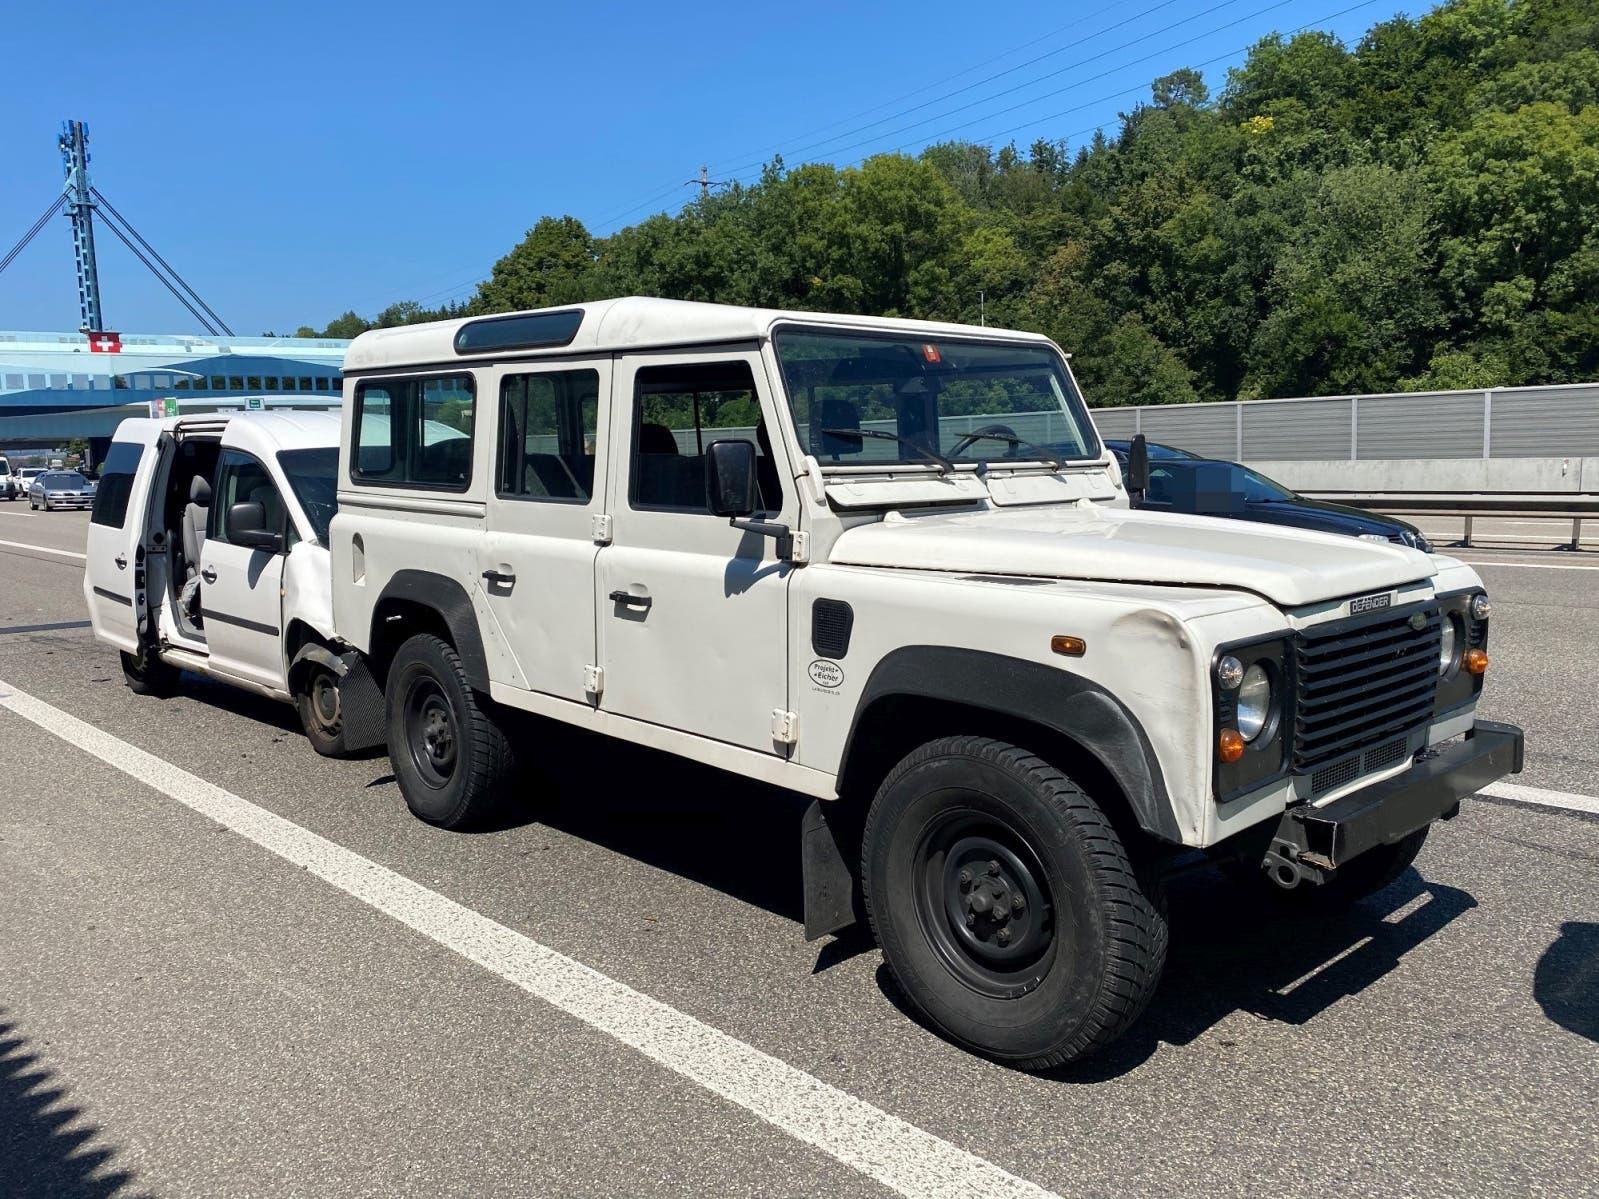 Der Fahrer des Land Rovers leitete eine Vollbremsung ein, worauf das nachfolgende Fahrzeug, ein VW Caddy, heftig auffuhr.